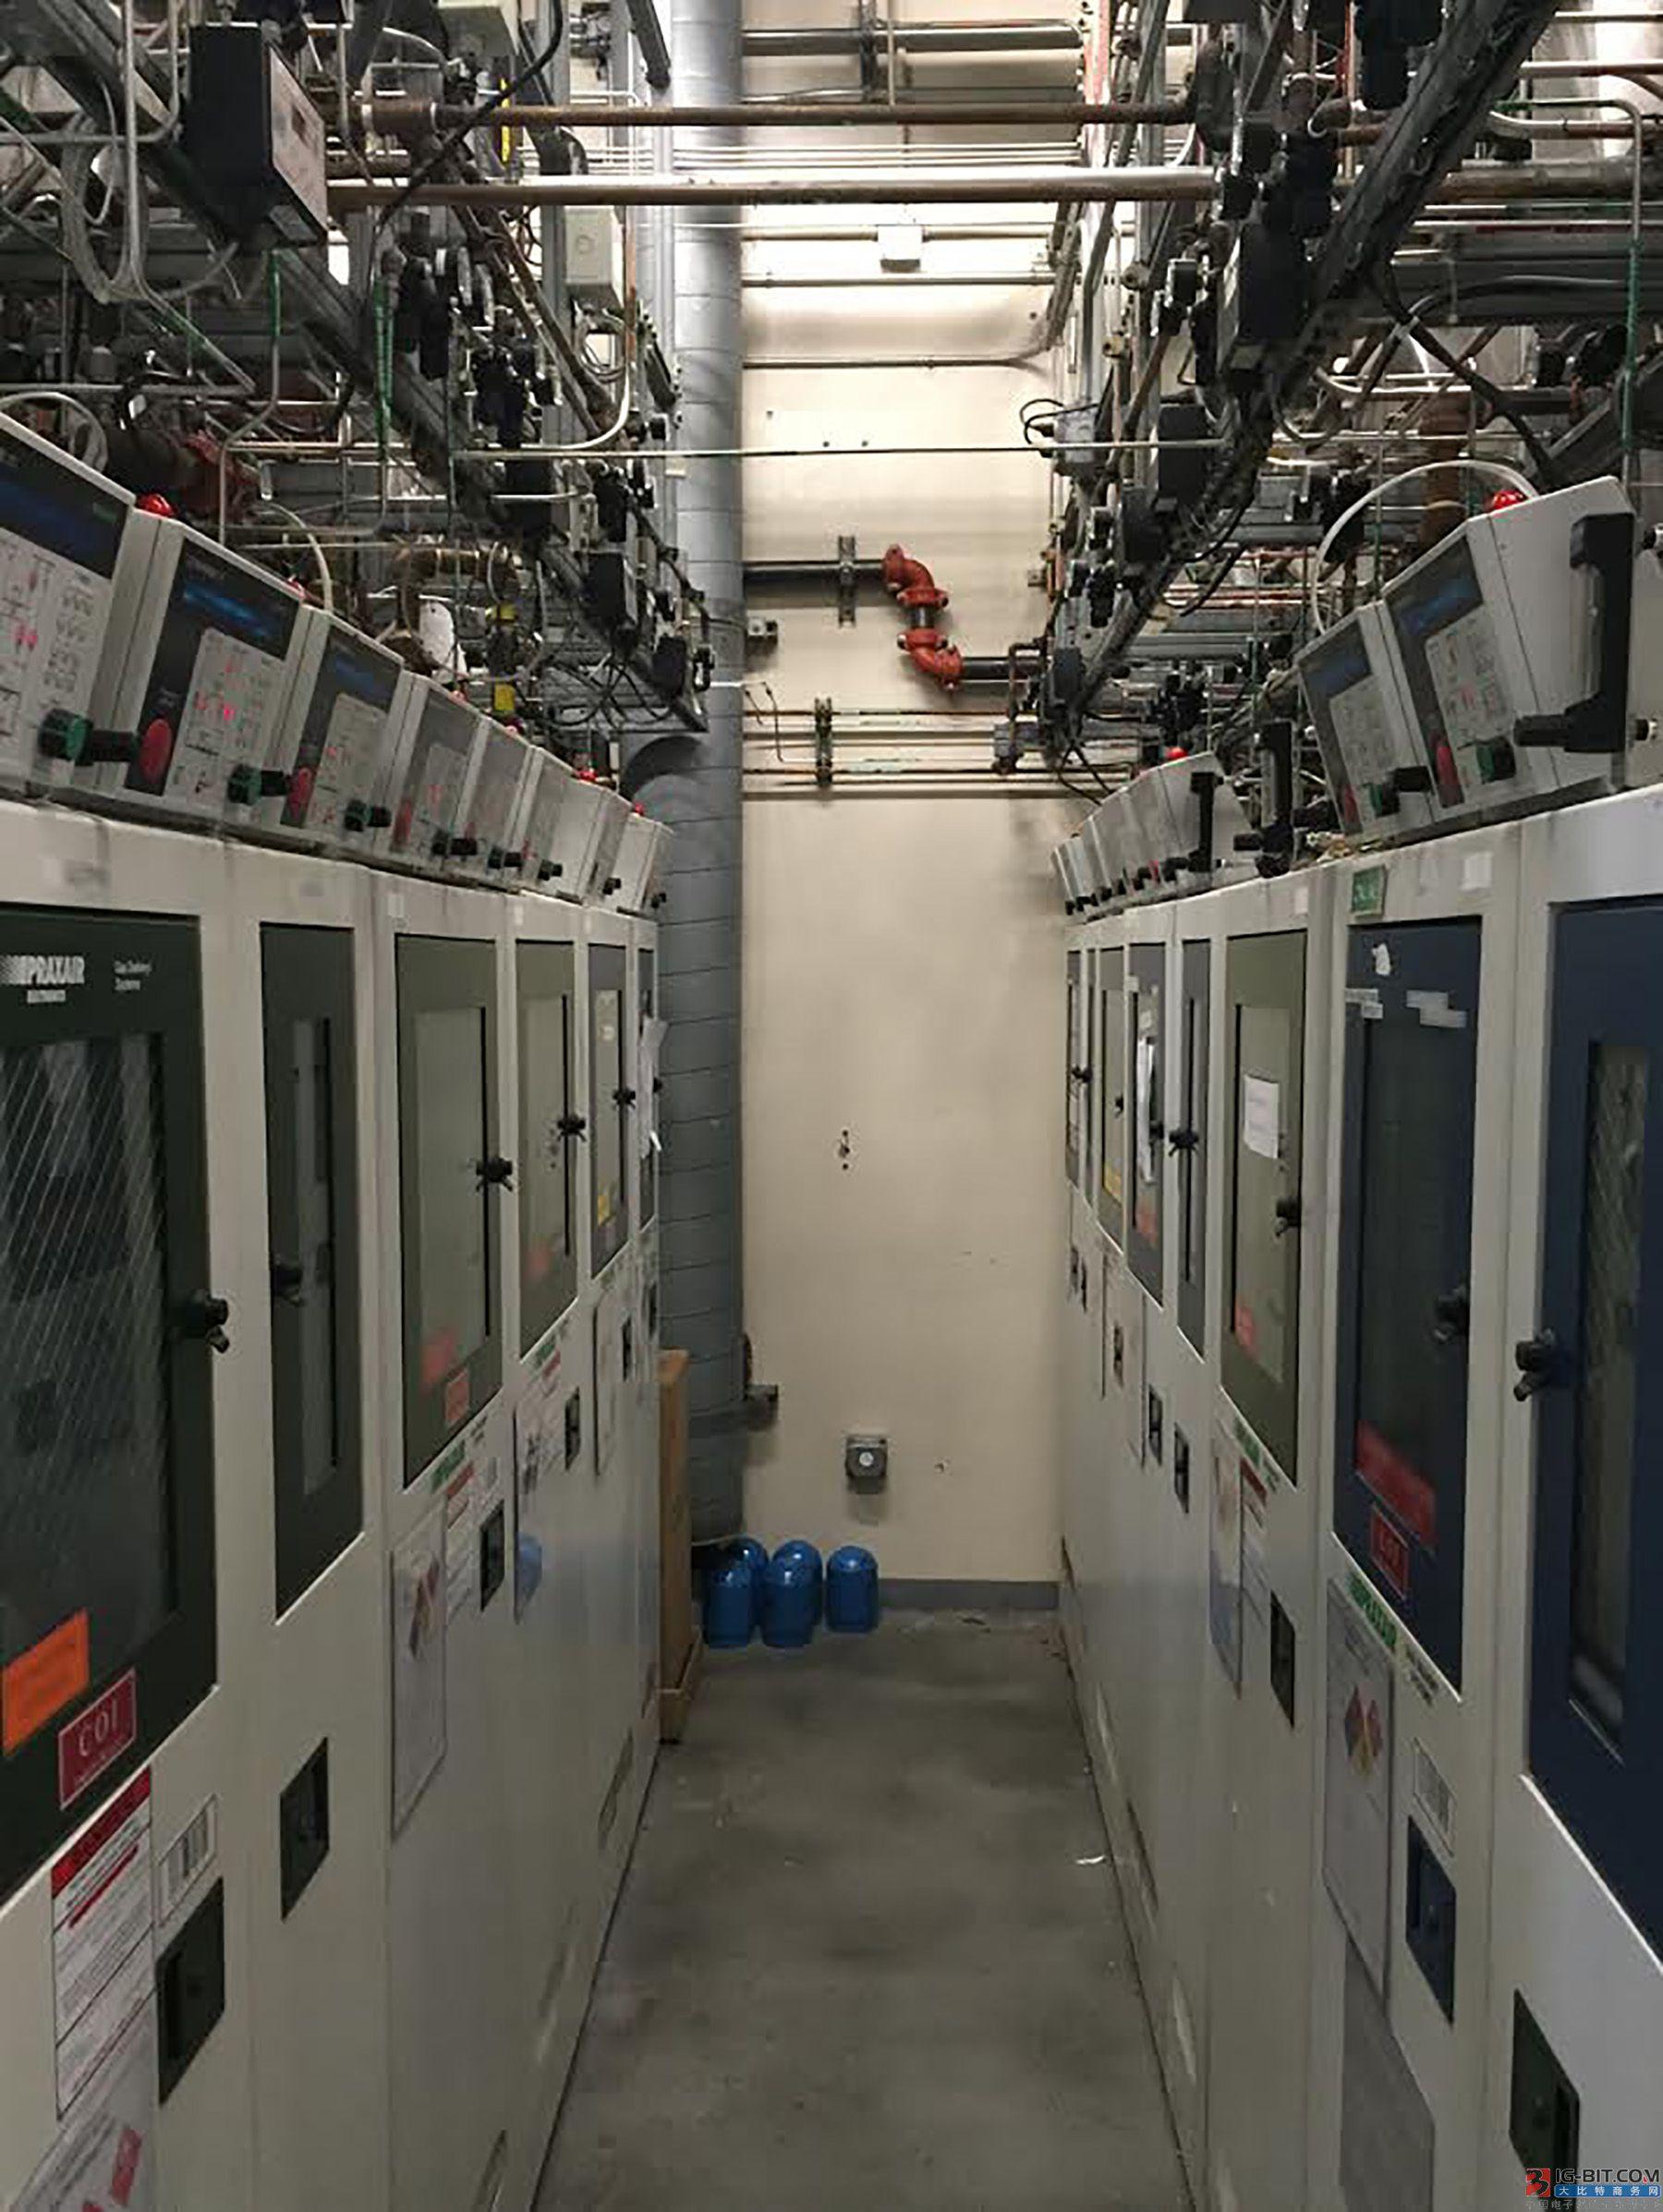 无线传感器网络使半导体晶圆制造厂保持高效率运行